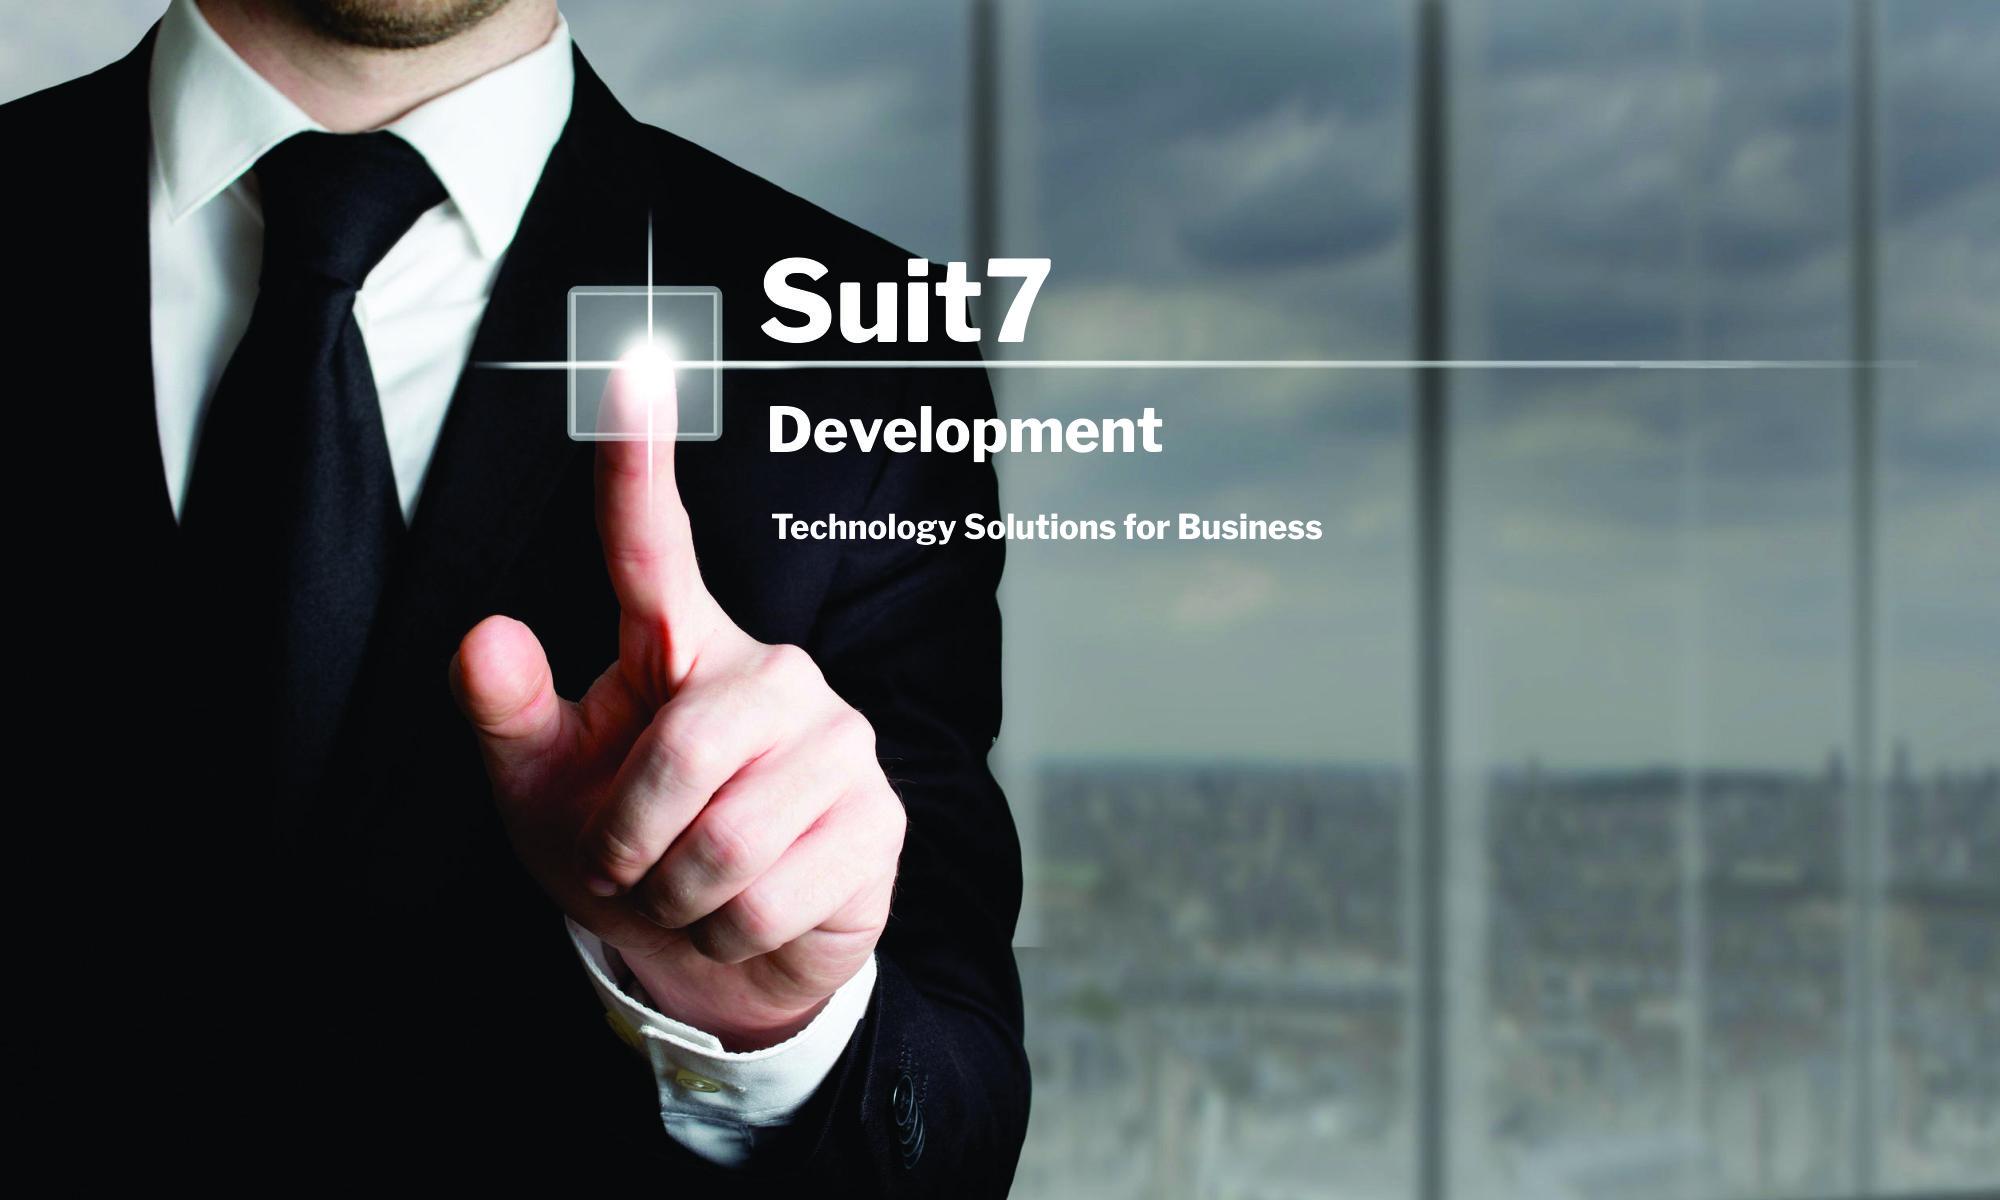 Suit7 Development